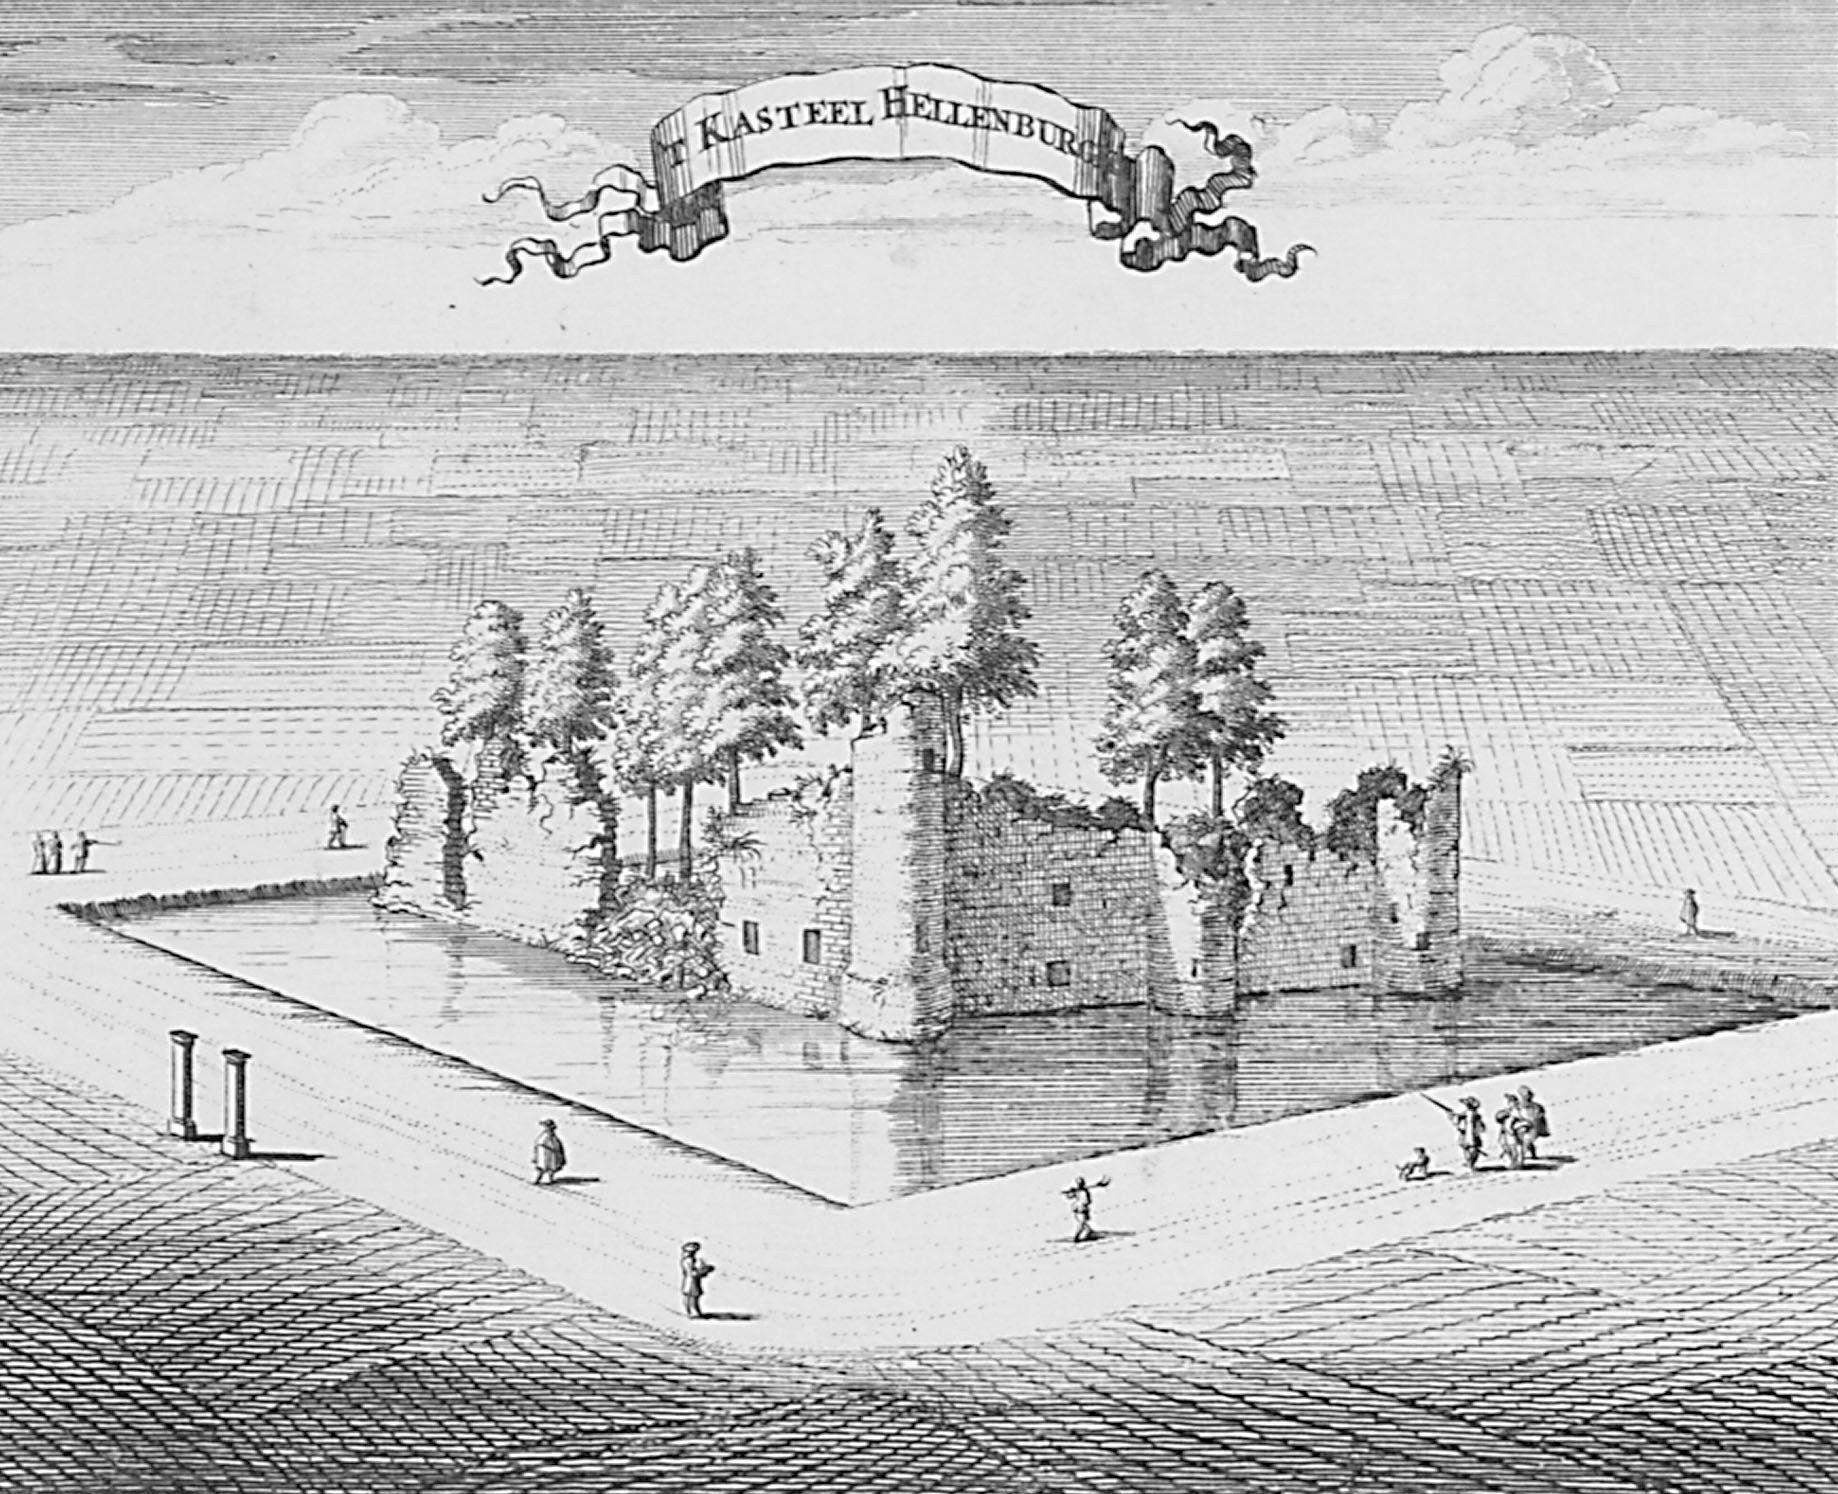 Hellenburg. Gravure uit de Cronyk van Zeeland door M. Smallegange, 1696. (Zeeuws Archief, coll. Zeeuws Genootschap, Zelandia Illustrata)